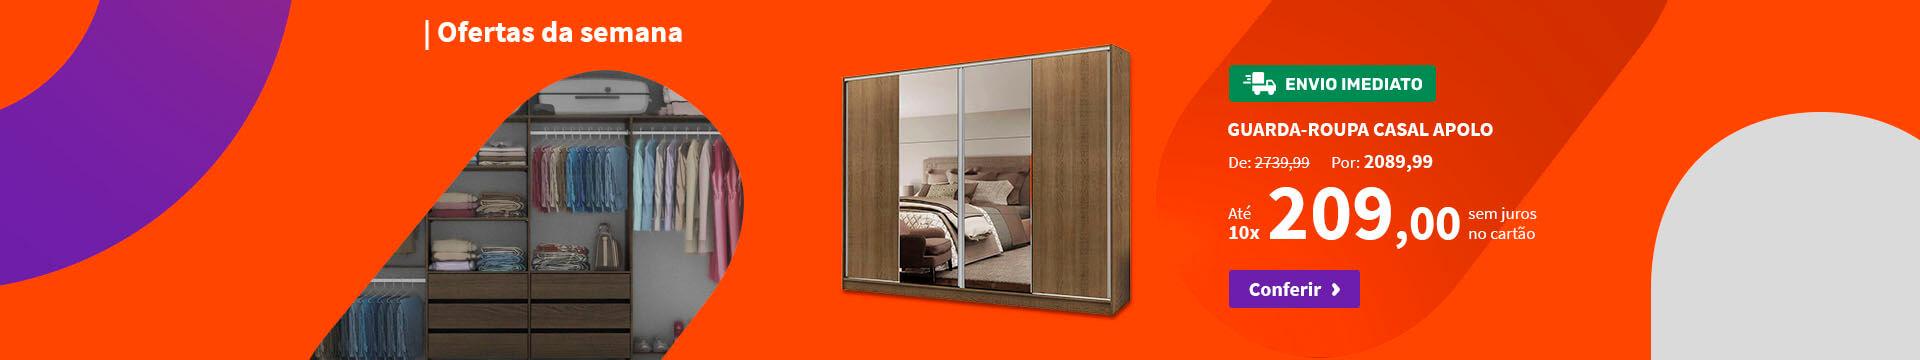 Guarda-Roupa Casal Apolo com Espelho - Ofertas especiais